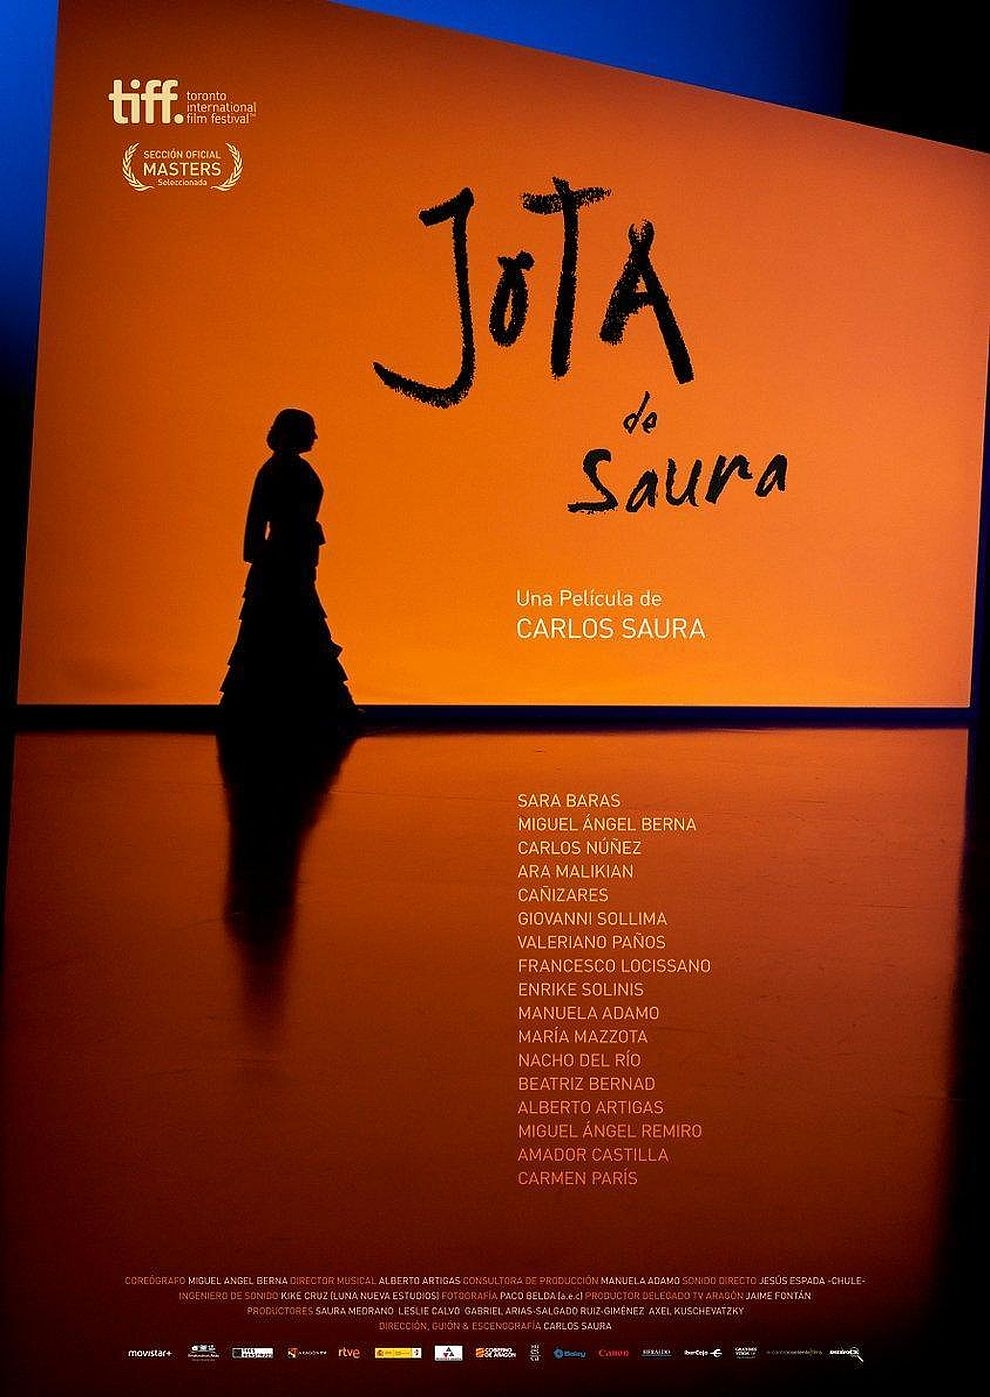 Jota - Ein spanischer Tanz (Poster)